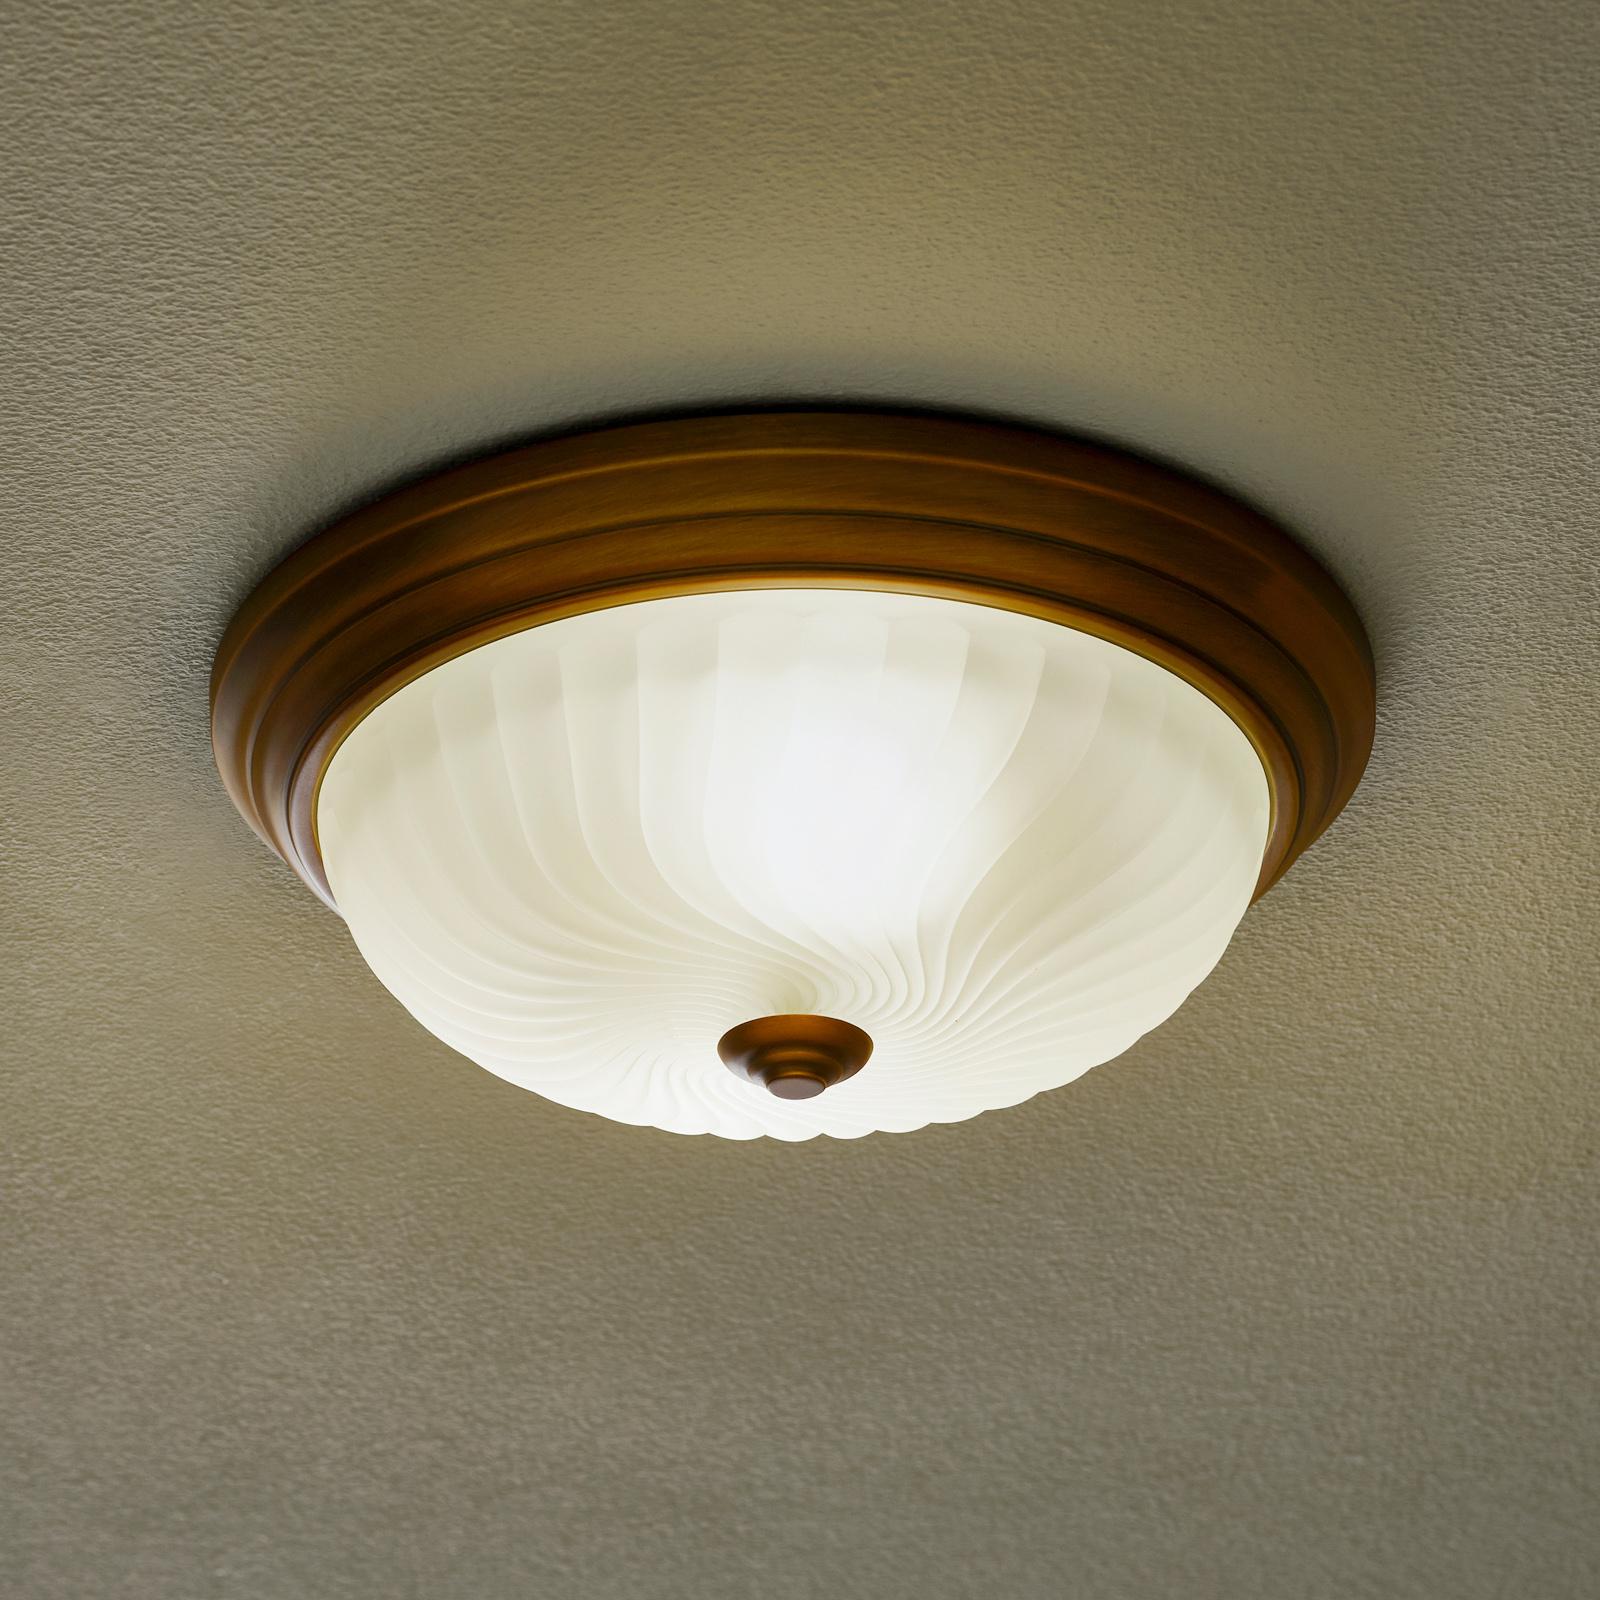 Klassisk rustikk taklampe 2 x 60 W